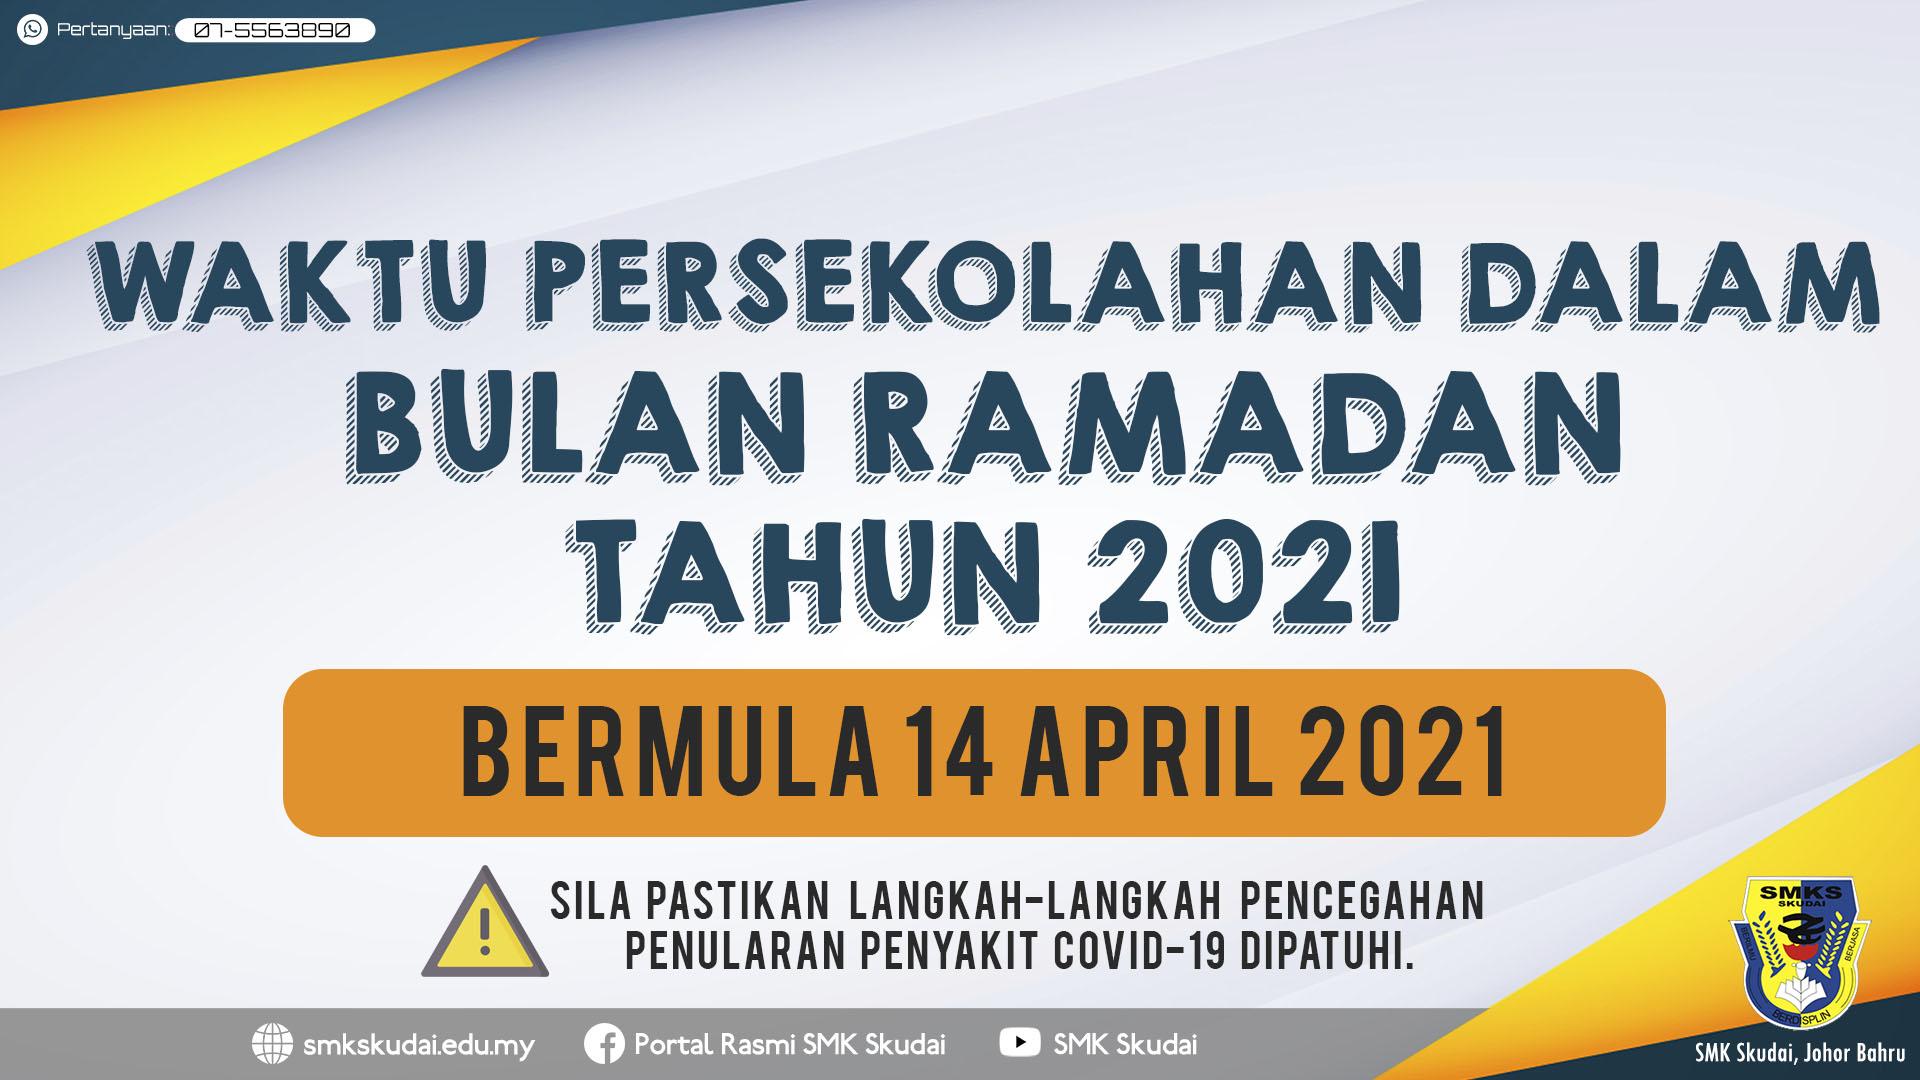 Makluman Waktu Persekolahan dalam Bulan Ramadan Tahun 2021